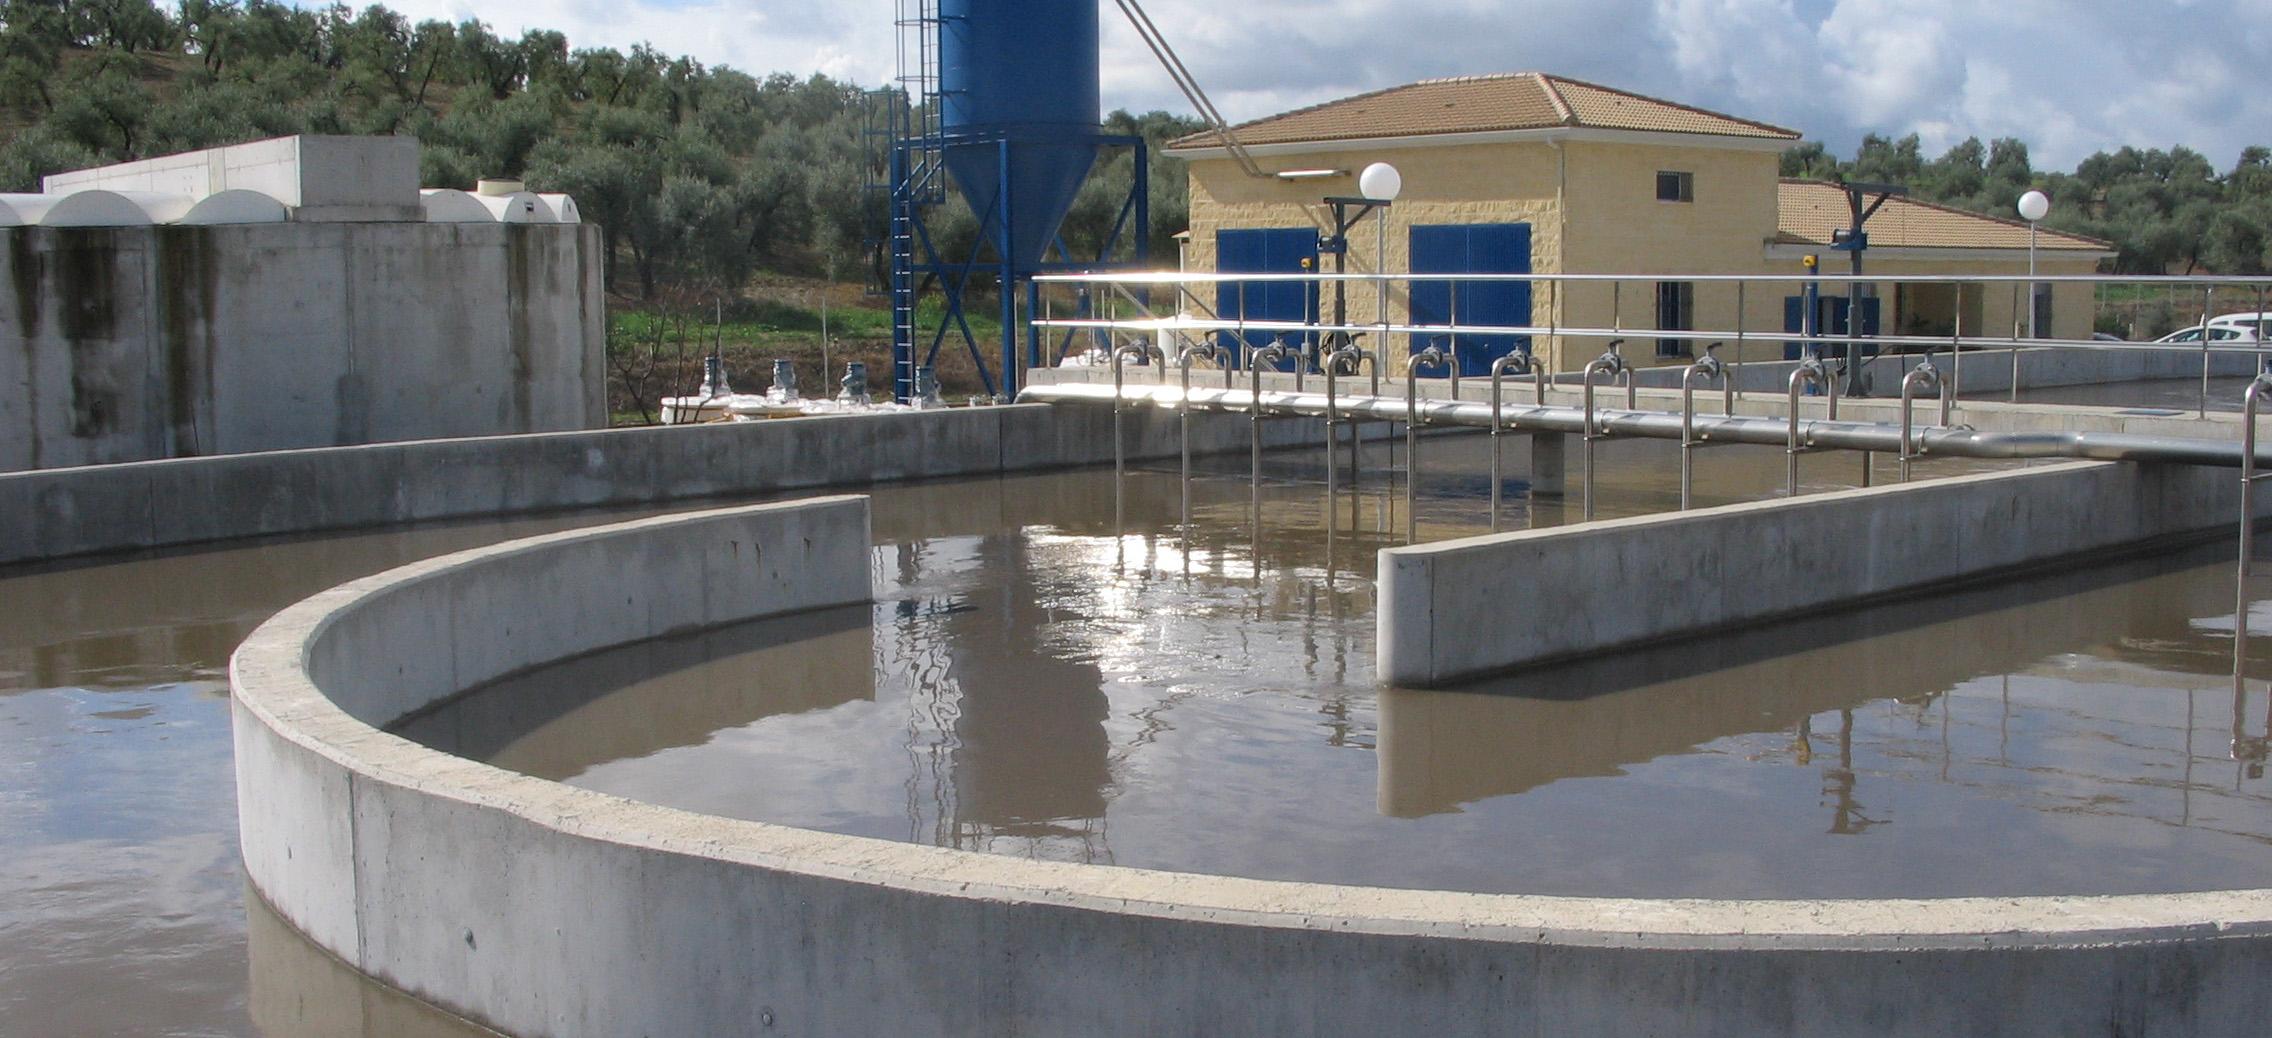 Medio Ambiente licita por 8,99 millones de euros la obras de la depuradora de aguas residuales de Arjona